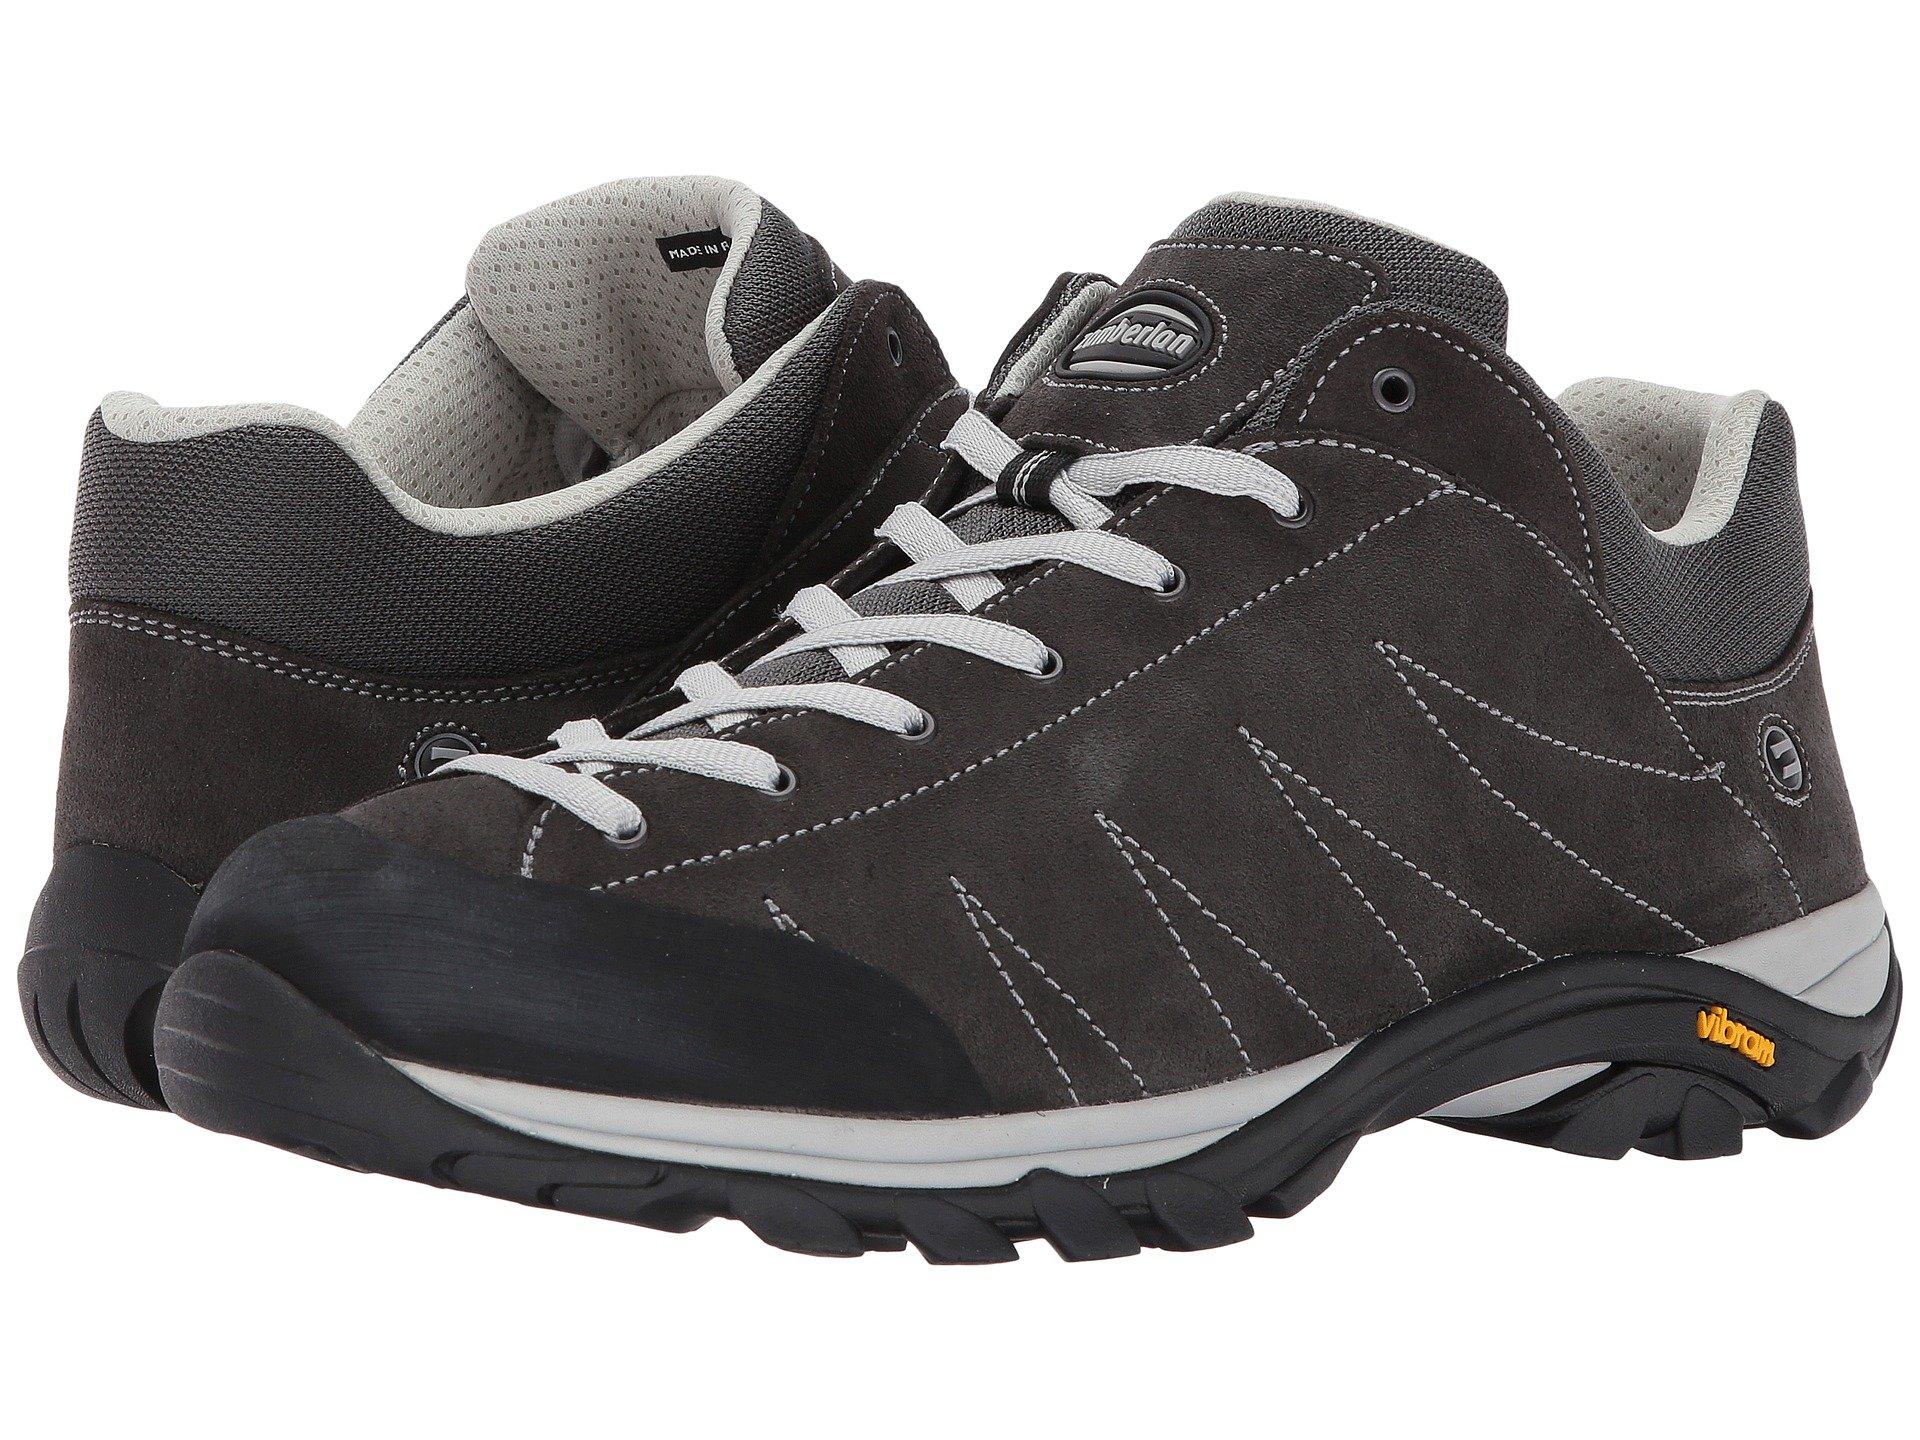 c688fedea32 Men's Zamberlan Shoes + FREE SHIPPING | Zappos.com